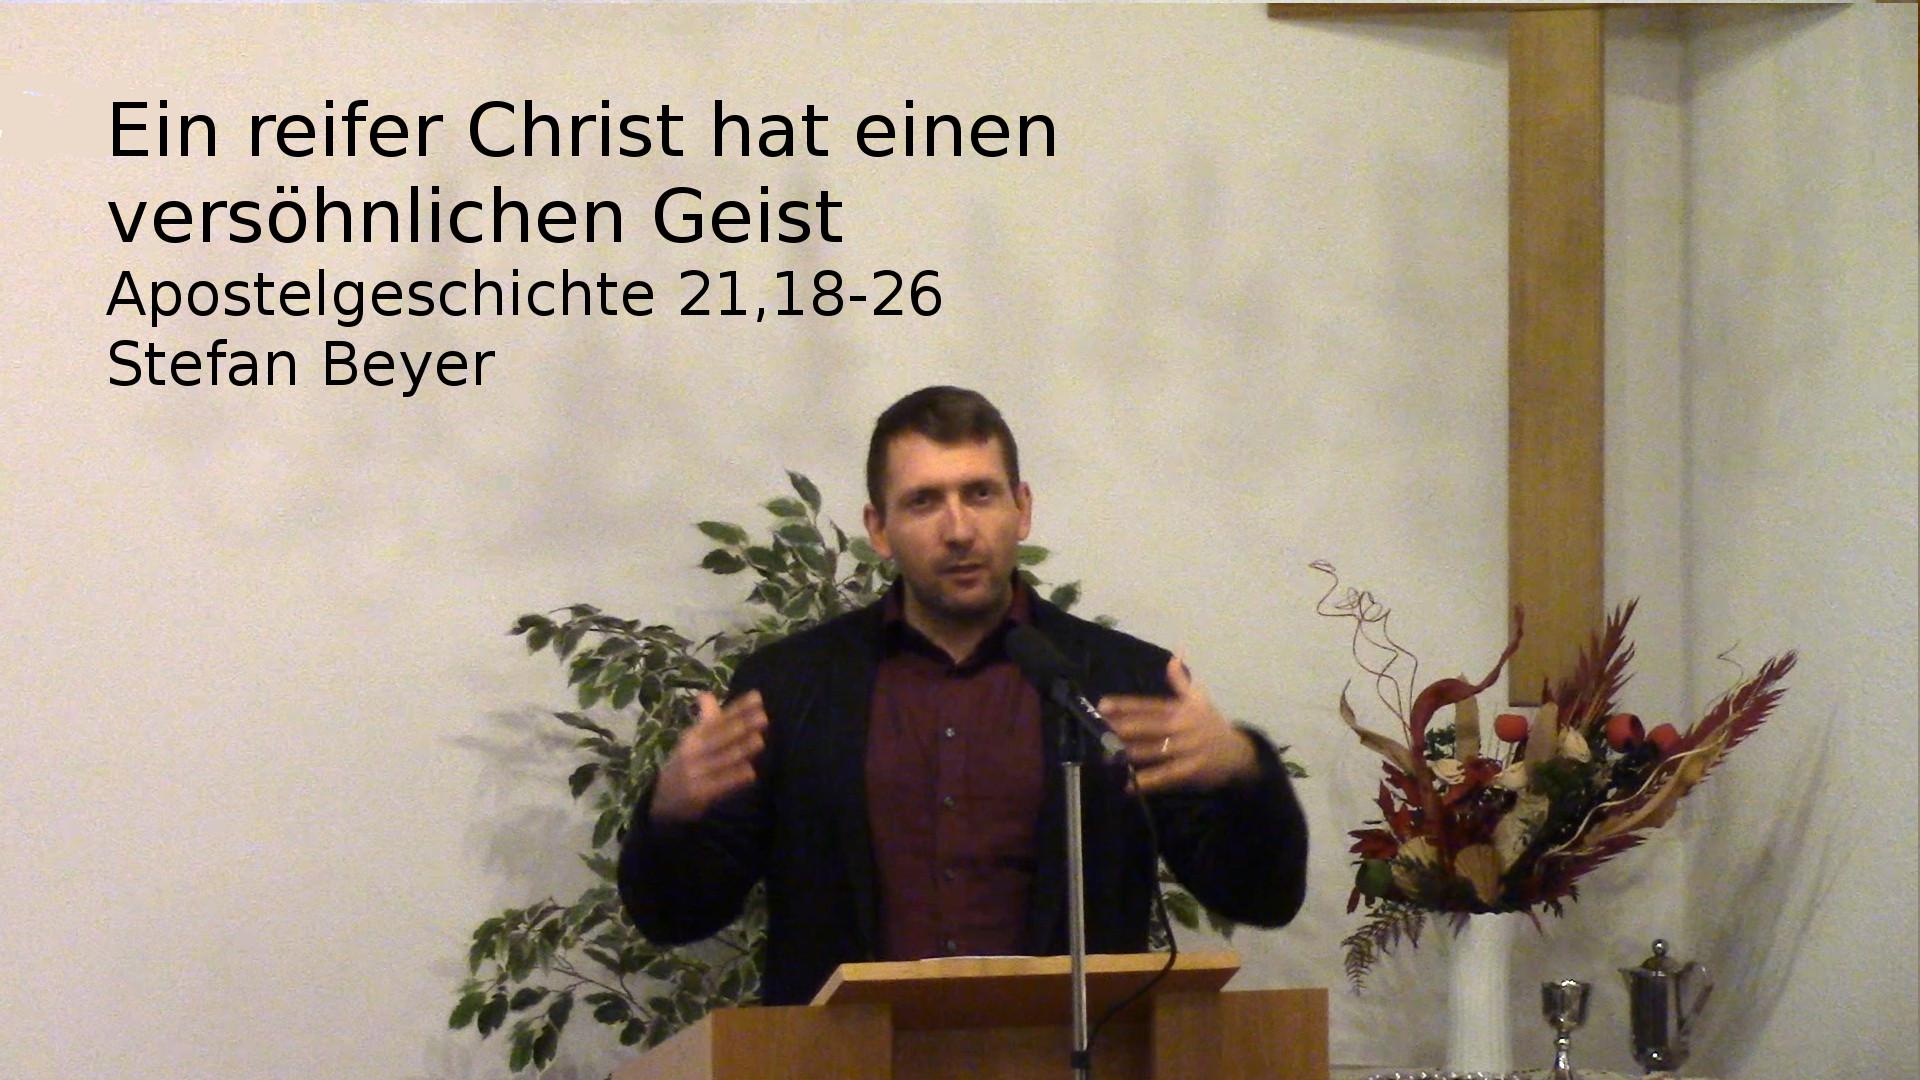 Ein reifer Christ hat einen versöhnlichen Geist